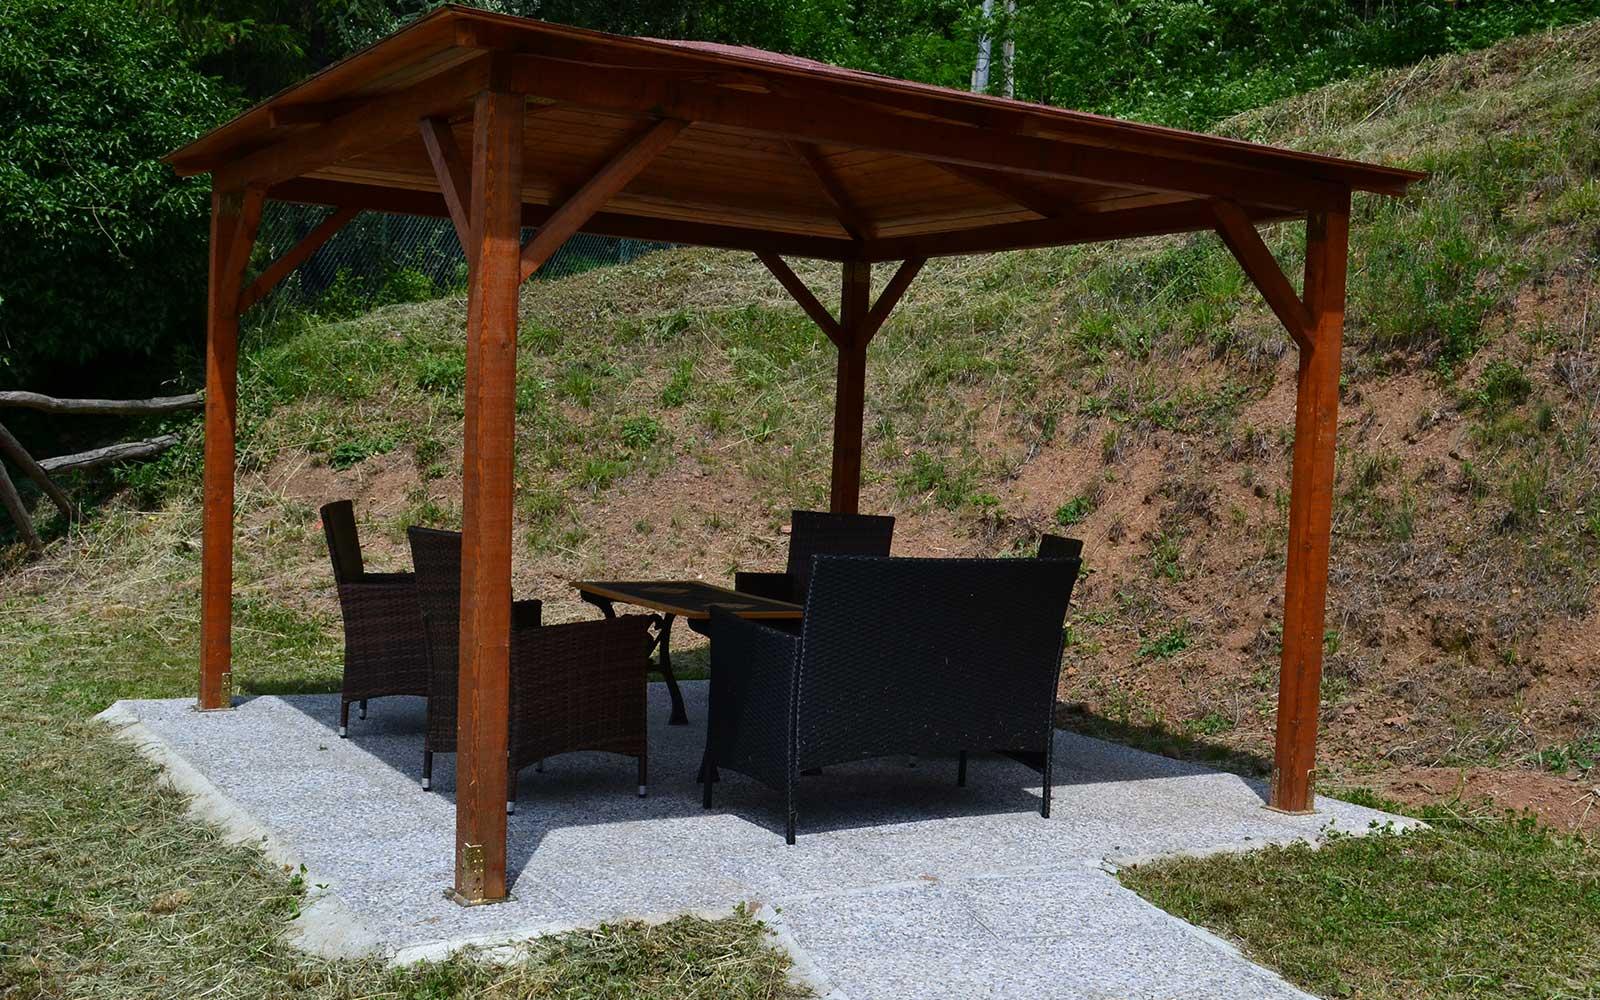 un gazebo in legno con delle sedie e un tavolo sotto